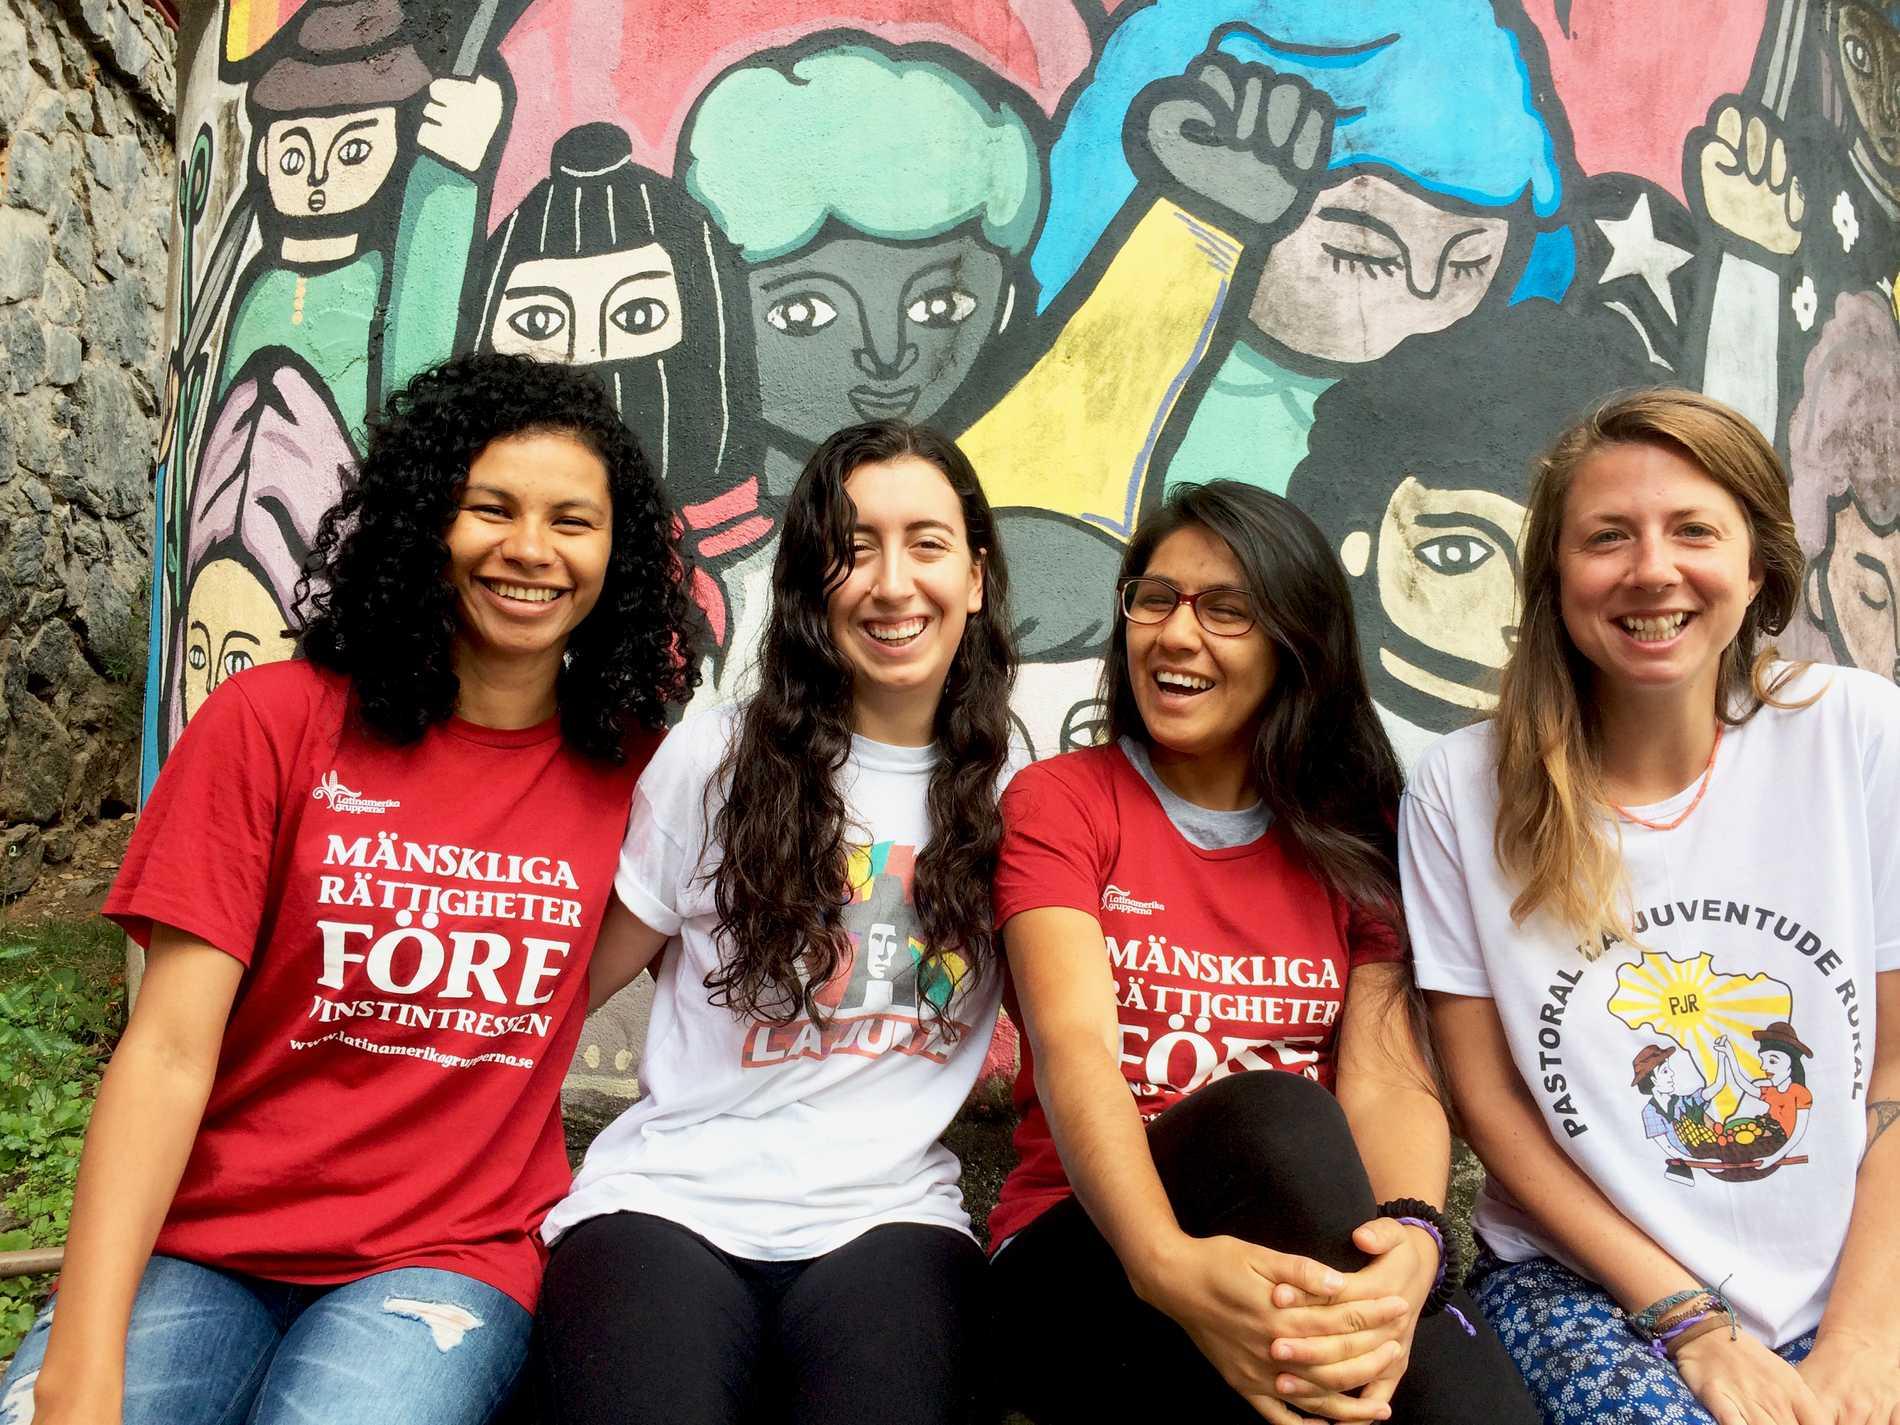 Latinamerikagruppen anordnar praktikantresor till Latinamerika. Här är Elma Silva, Evelina Sartori Valck, Sandra Ilave  och Linn O'Connell.